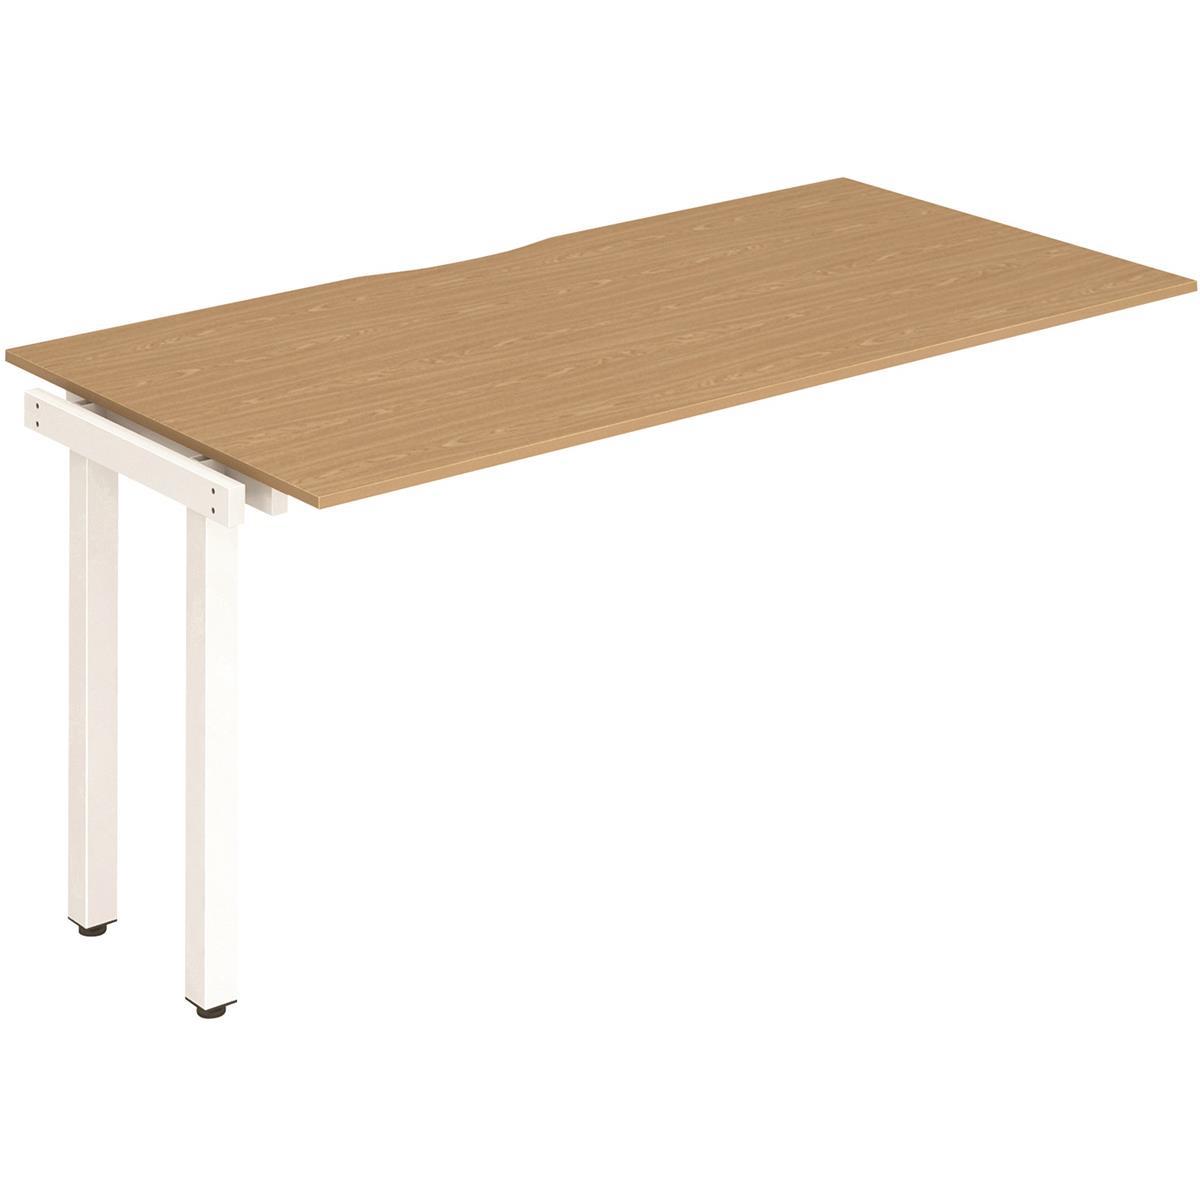 Trexus Bench Desk Single Extension White Leg 1400x800mm Oak Ref BE313